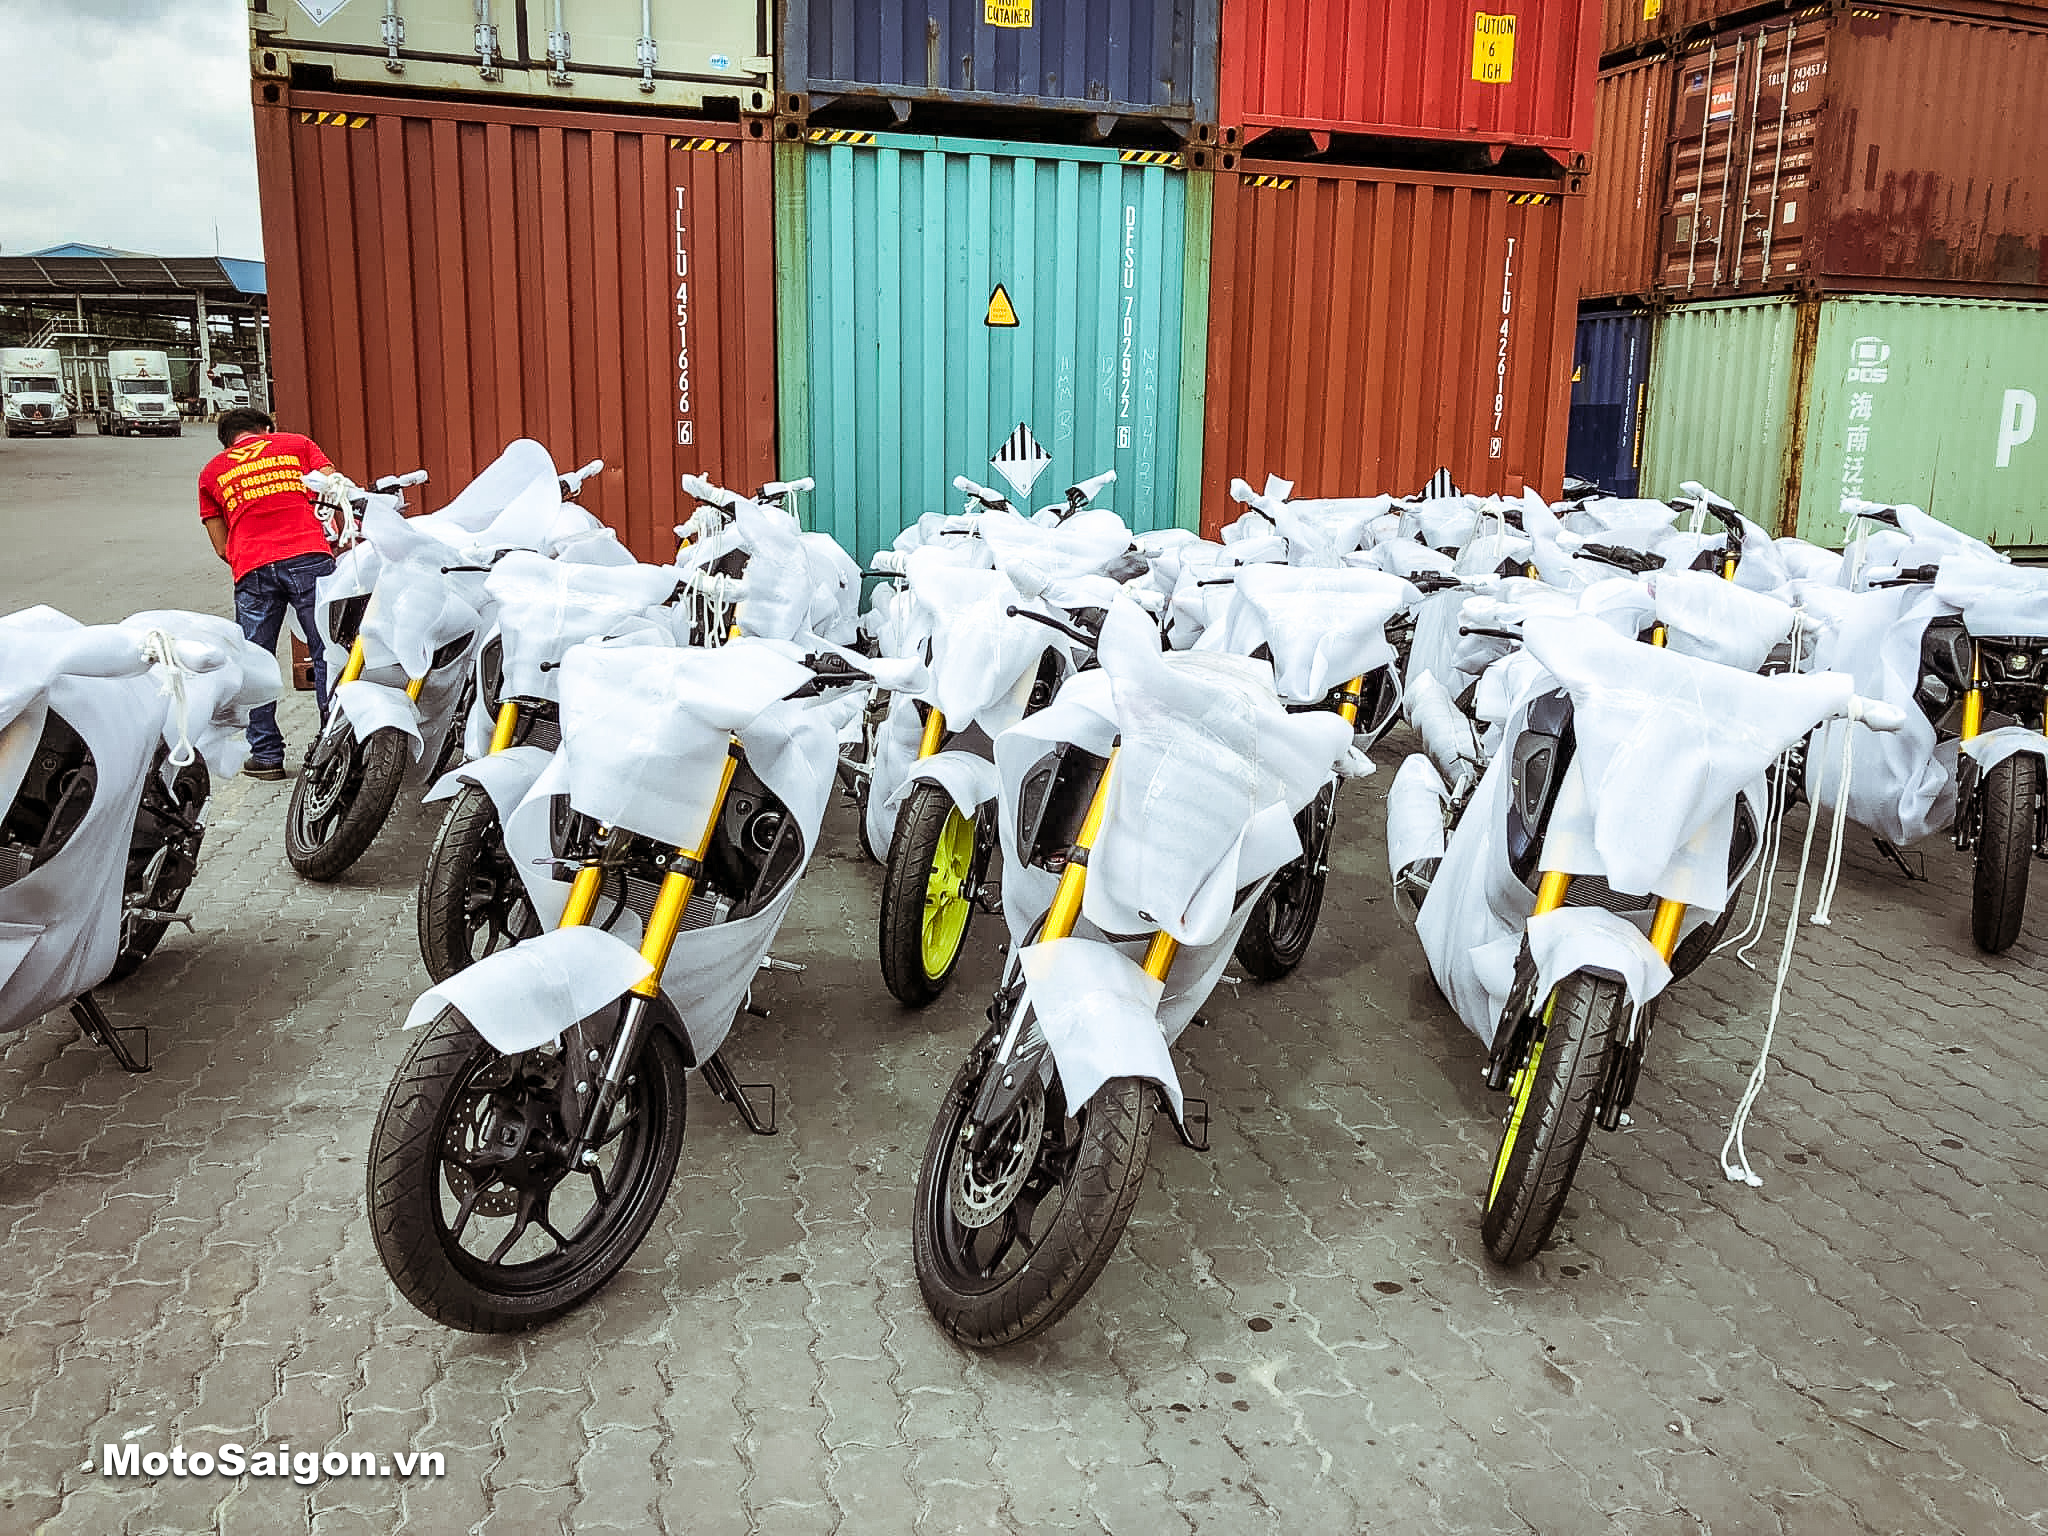 Đập thùng Yamaha MT-15 V-ixion R 2019 về Việt Nam số lượng lớn